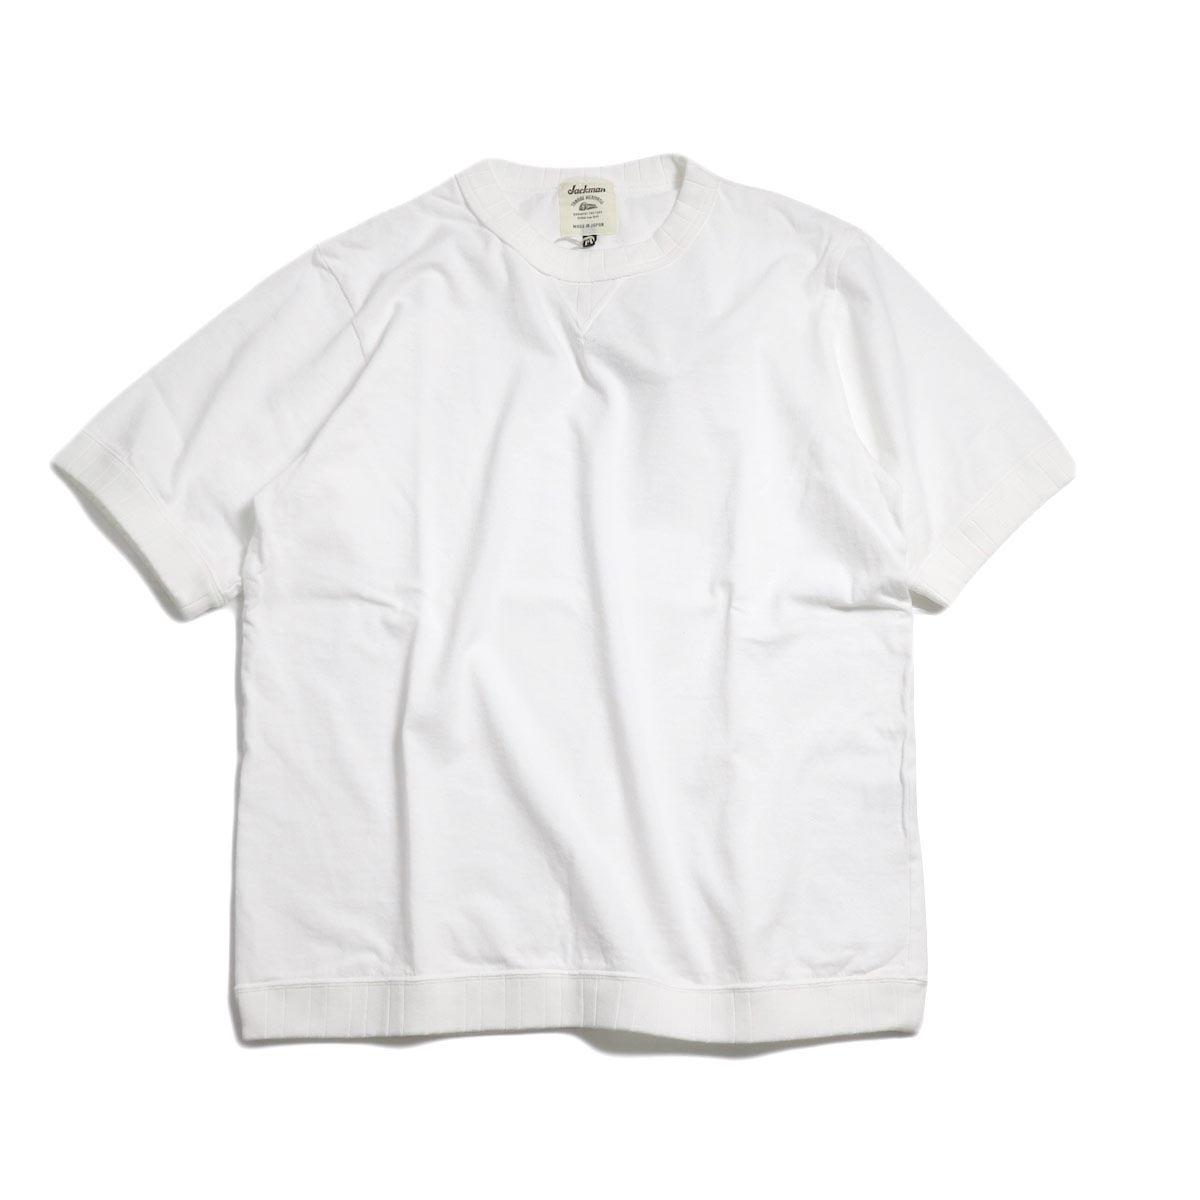 Jackman / Rib T-Shirt -White